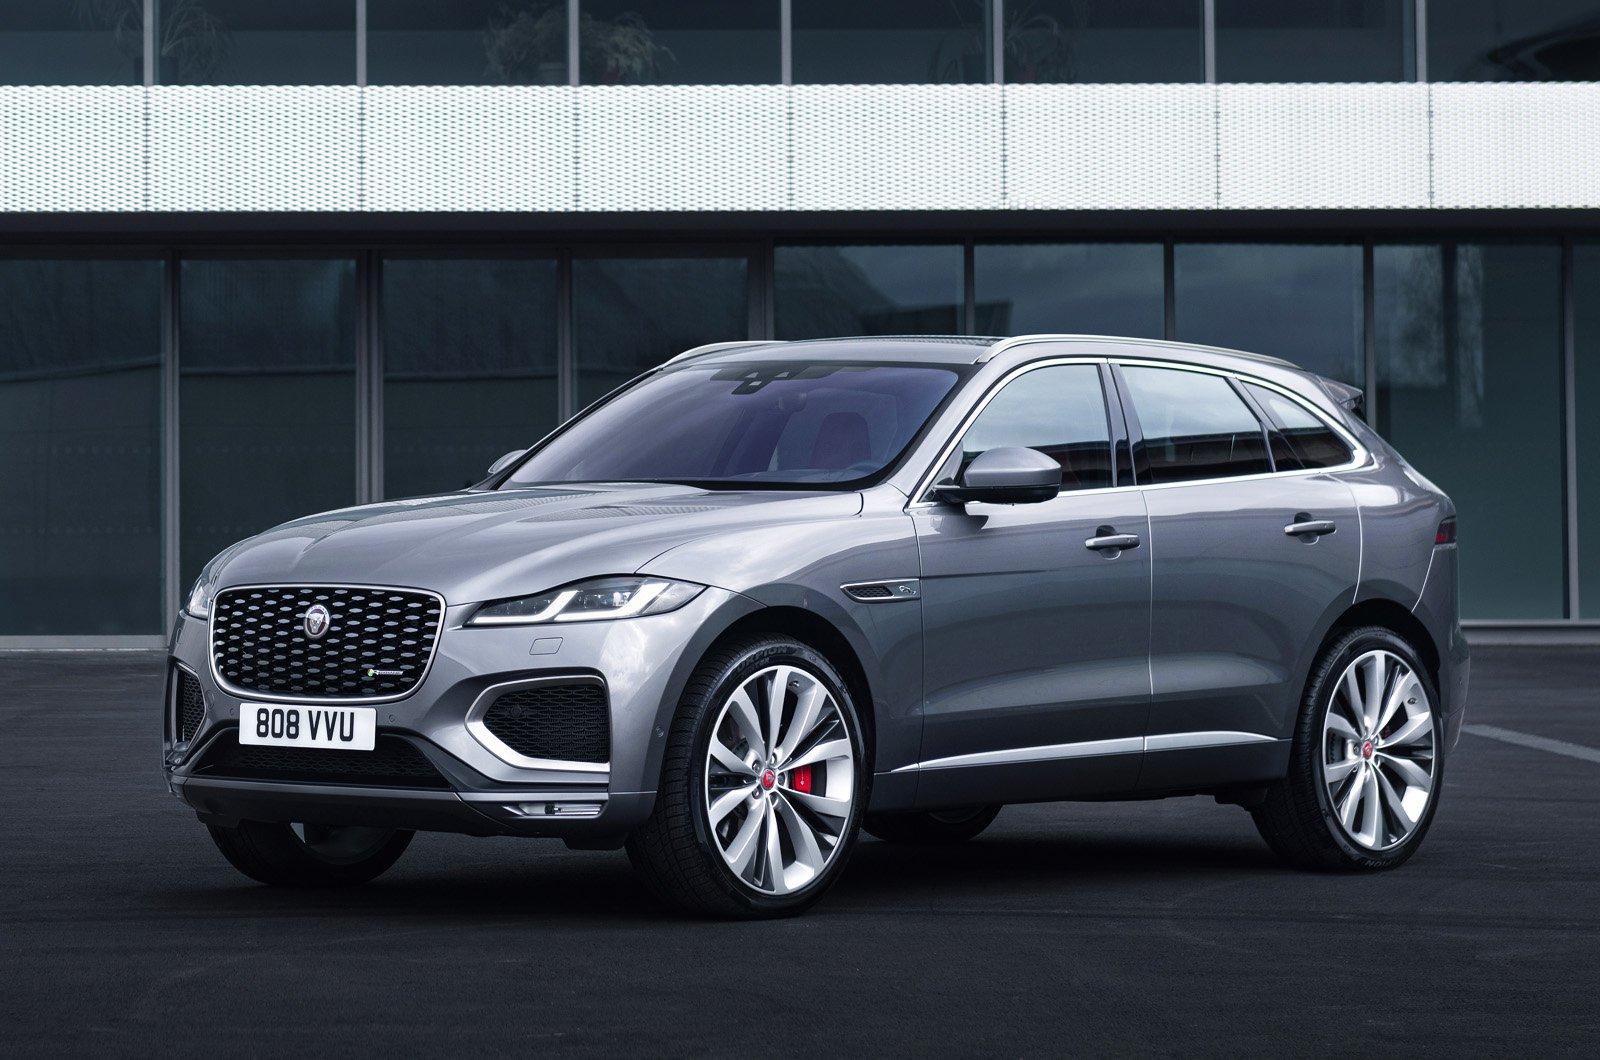 2021 Jaguar F-Pace front static